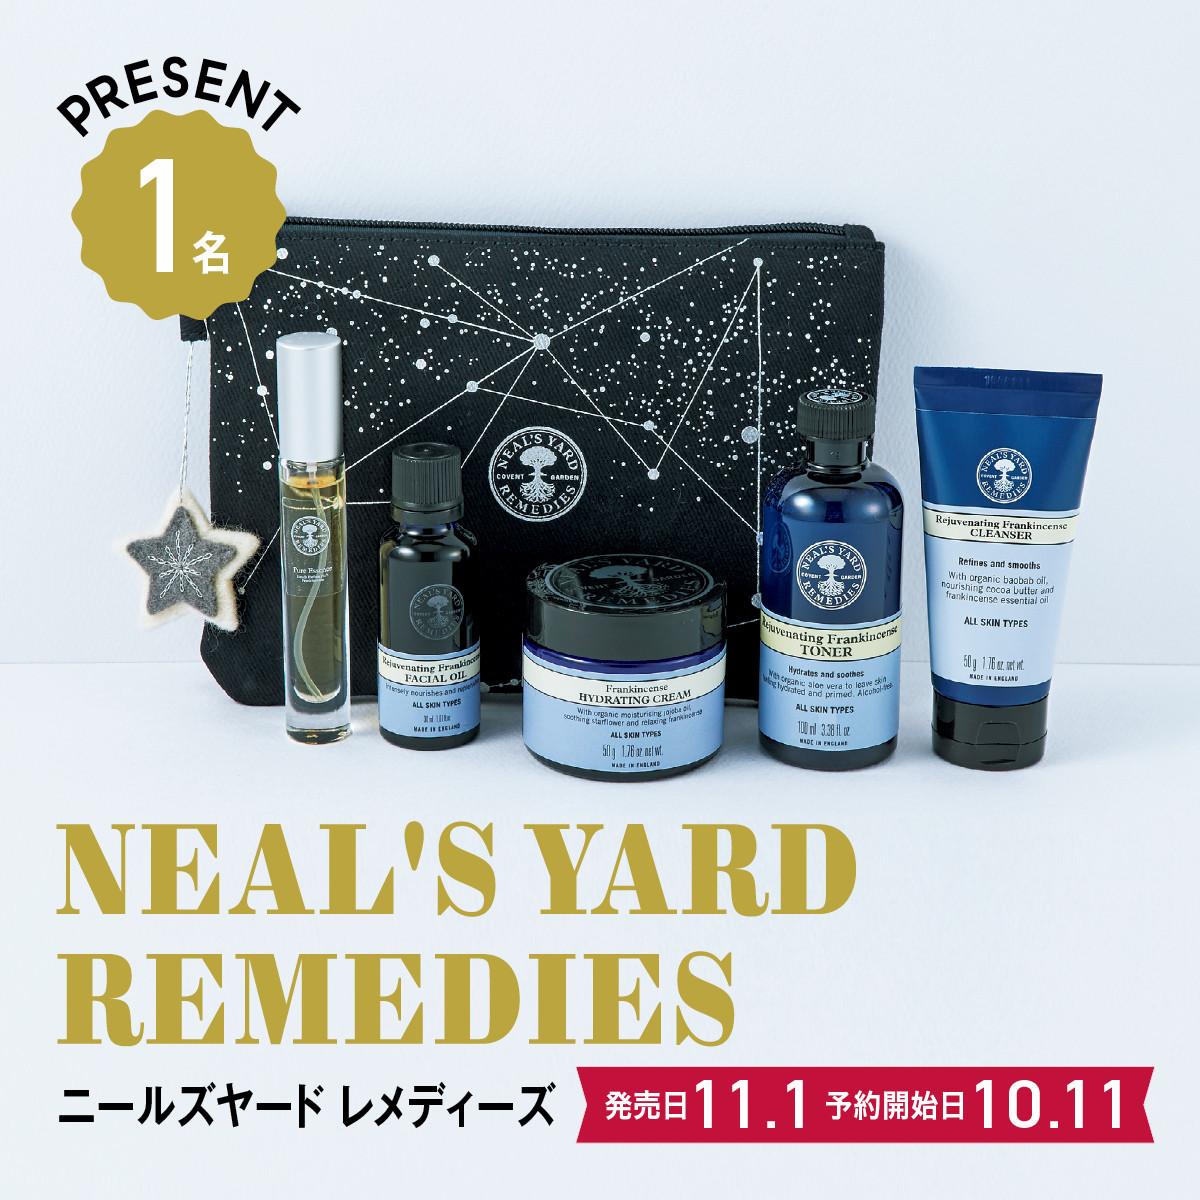 2019クリスマスコフレ&限定品: NEAL'S YARD REMEDIES/ニールズヤード レメディーズ